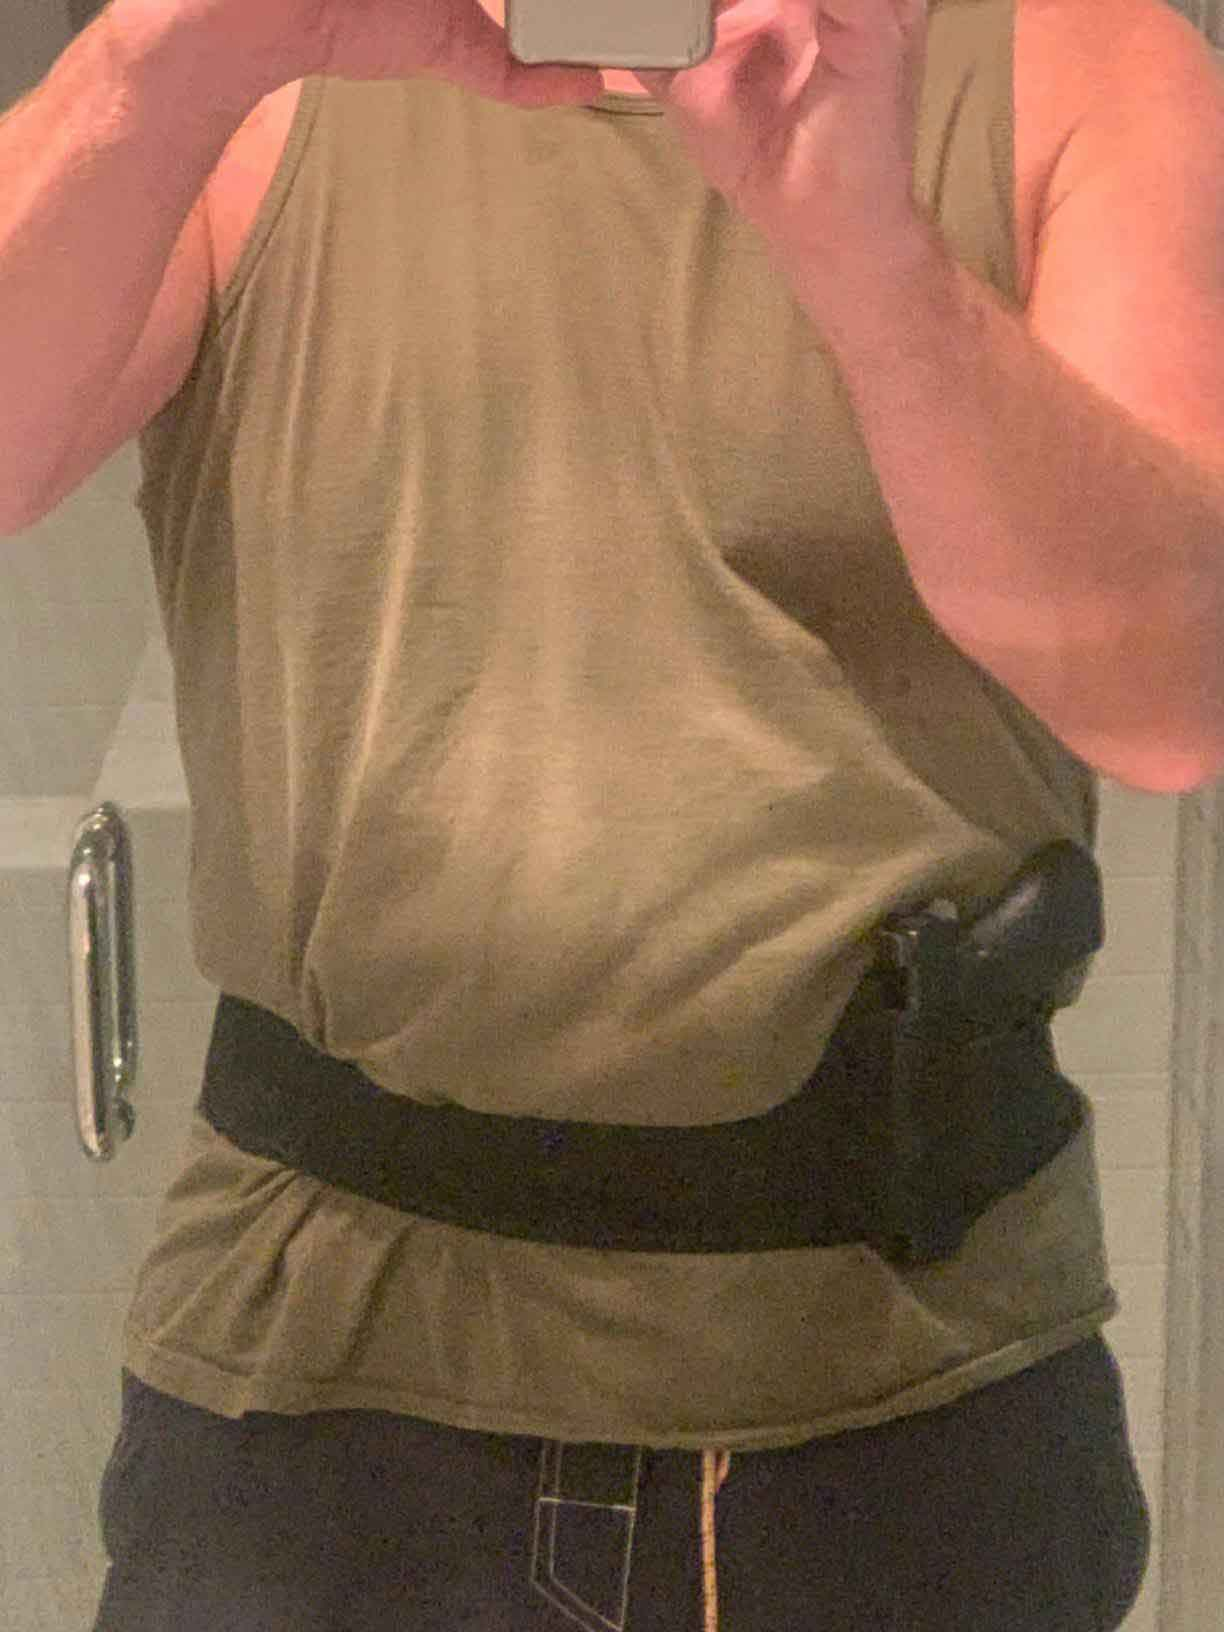 vertical shoulder holster for men, gun shoulder holster, tactical shoulder holster